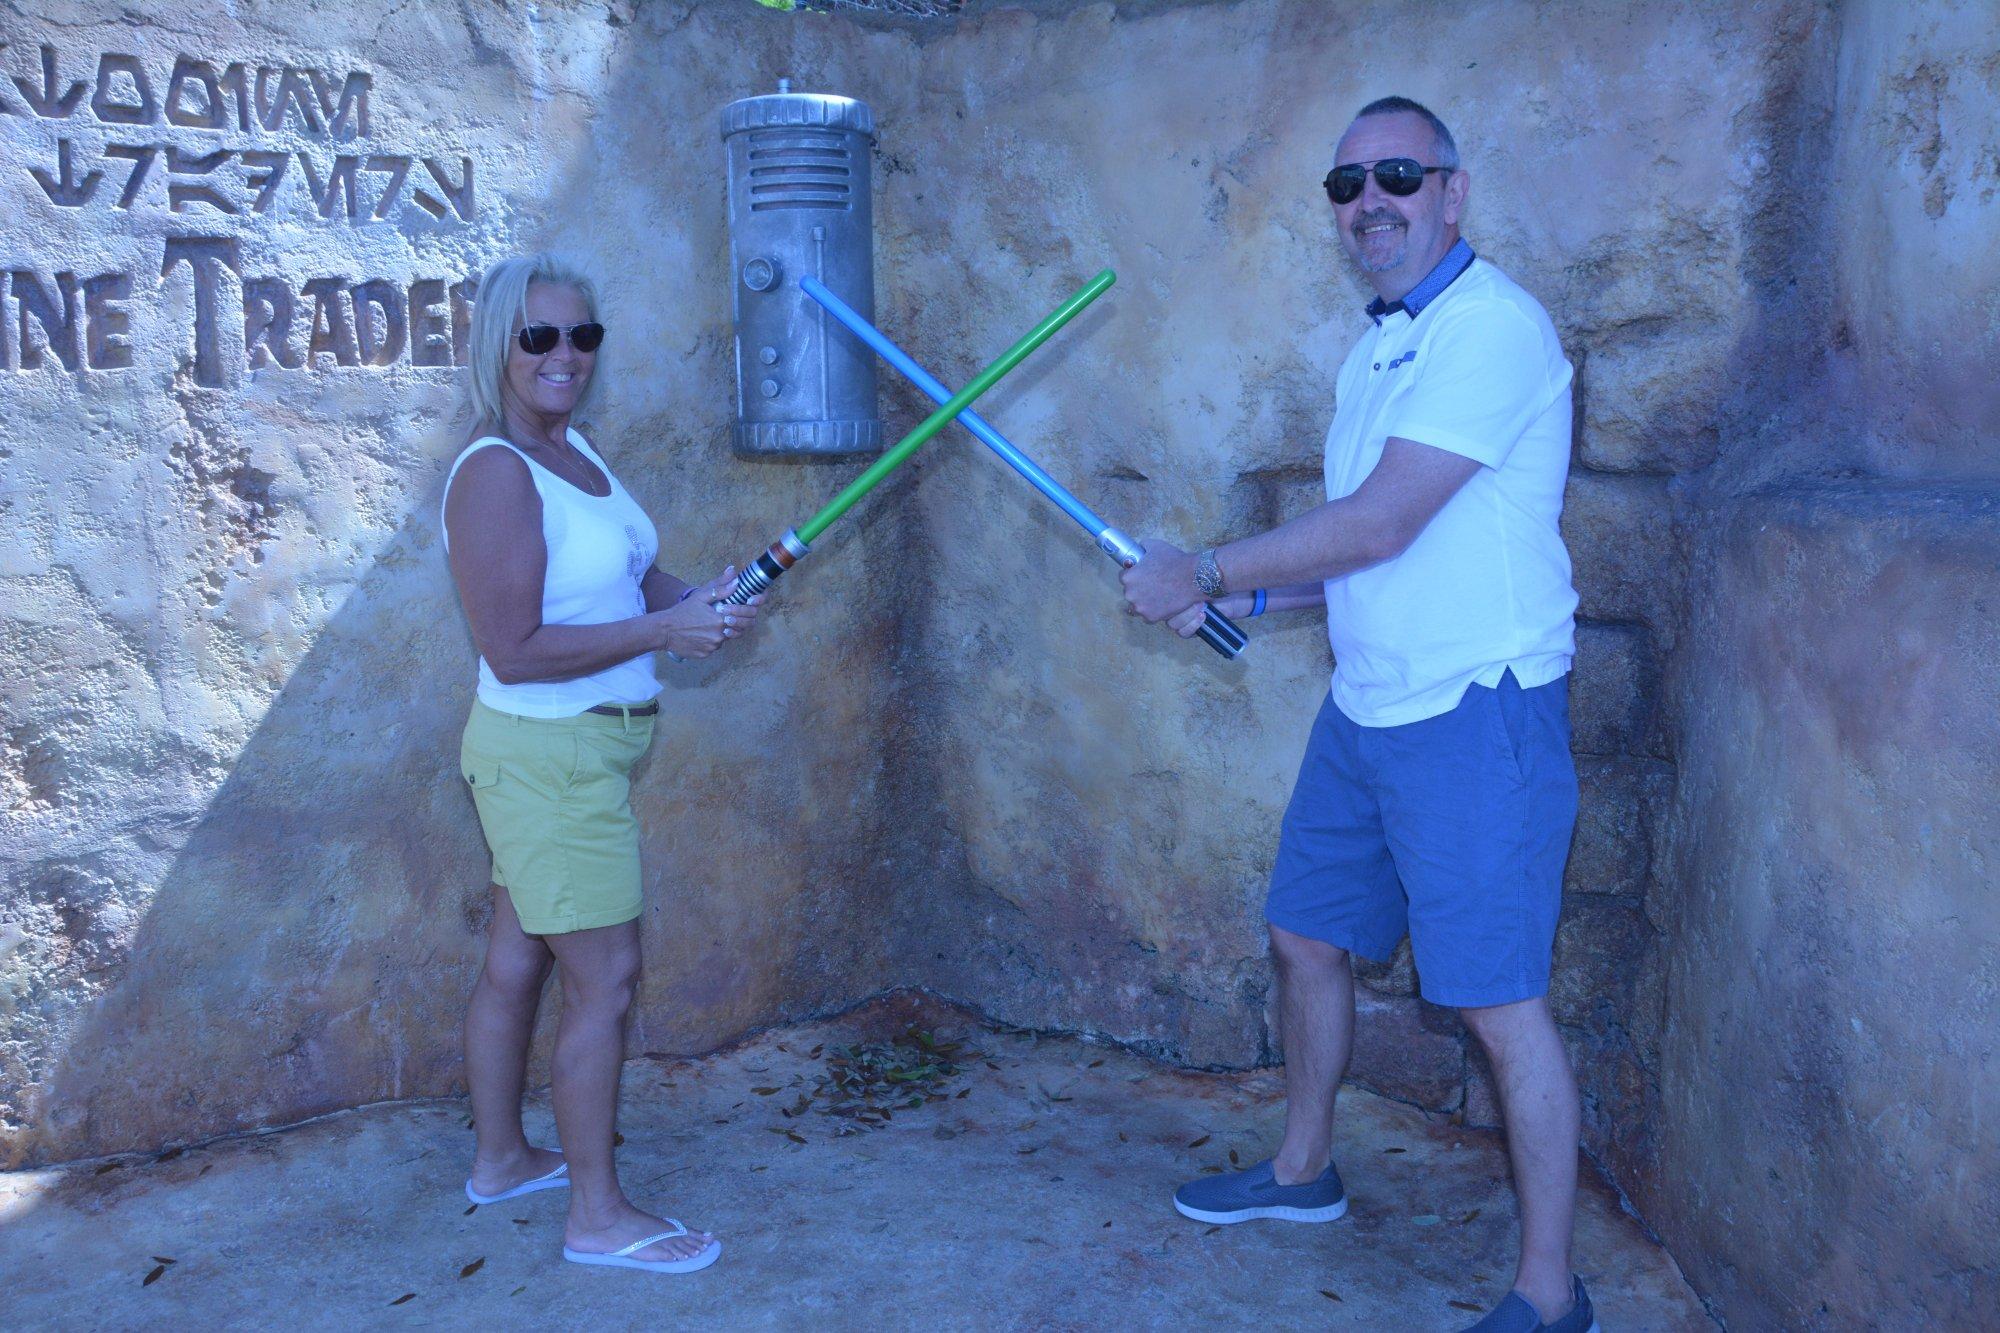 Picture taken at star wars ride